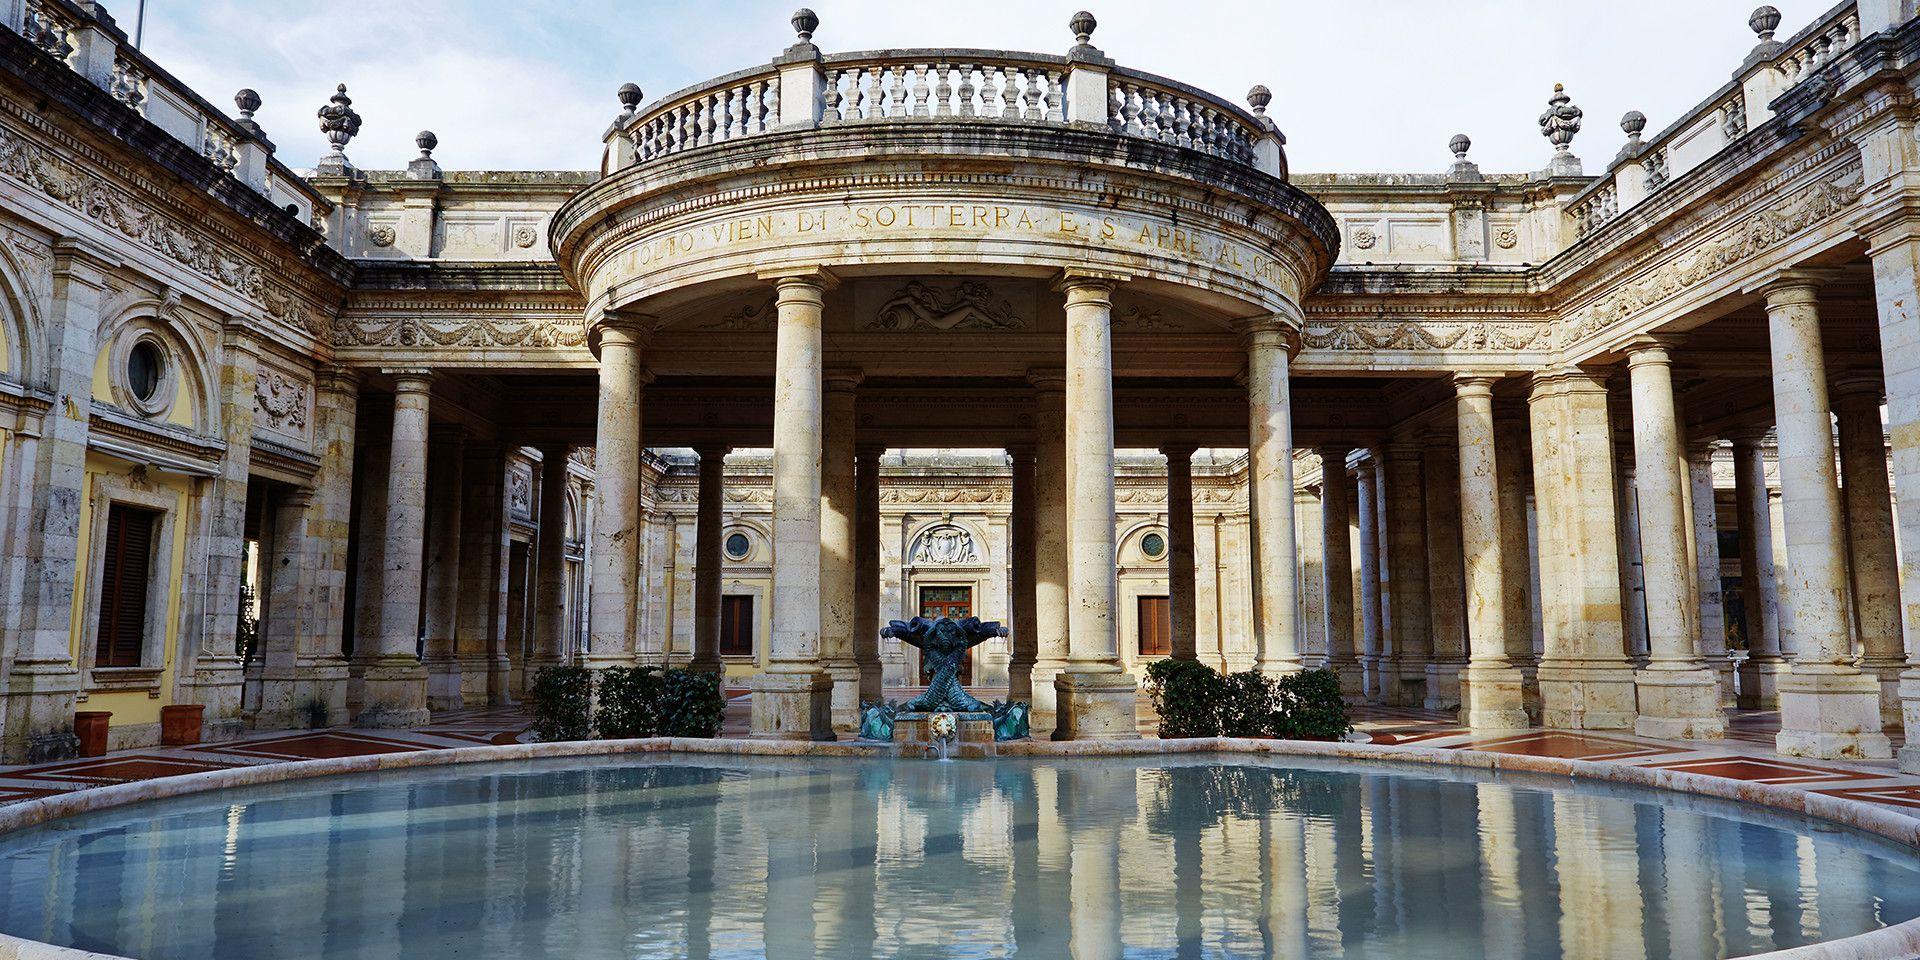 Розташування готелю дуже зручне, якщо ви прагнете відвідати найближчі визначні місця -  Еуганські пагорби та озеро Гарда, міста Венецію, Мілан